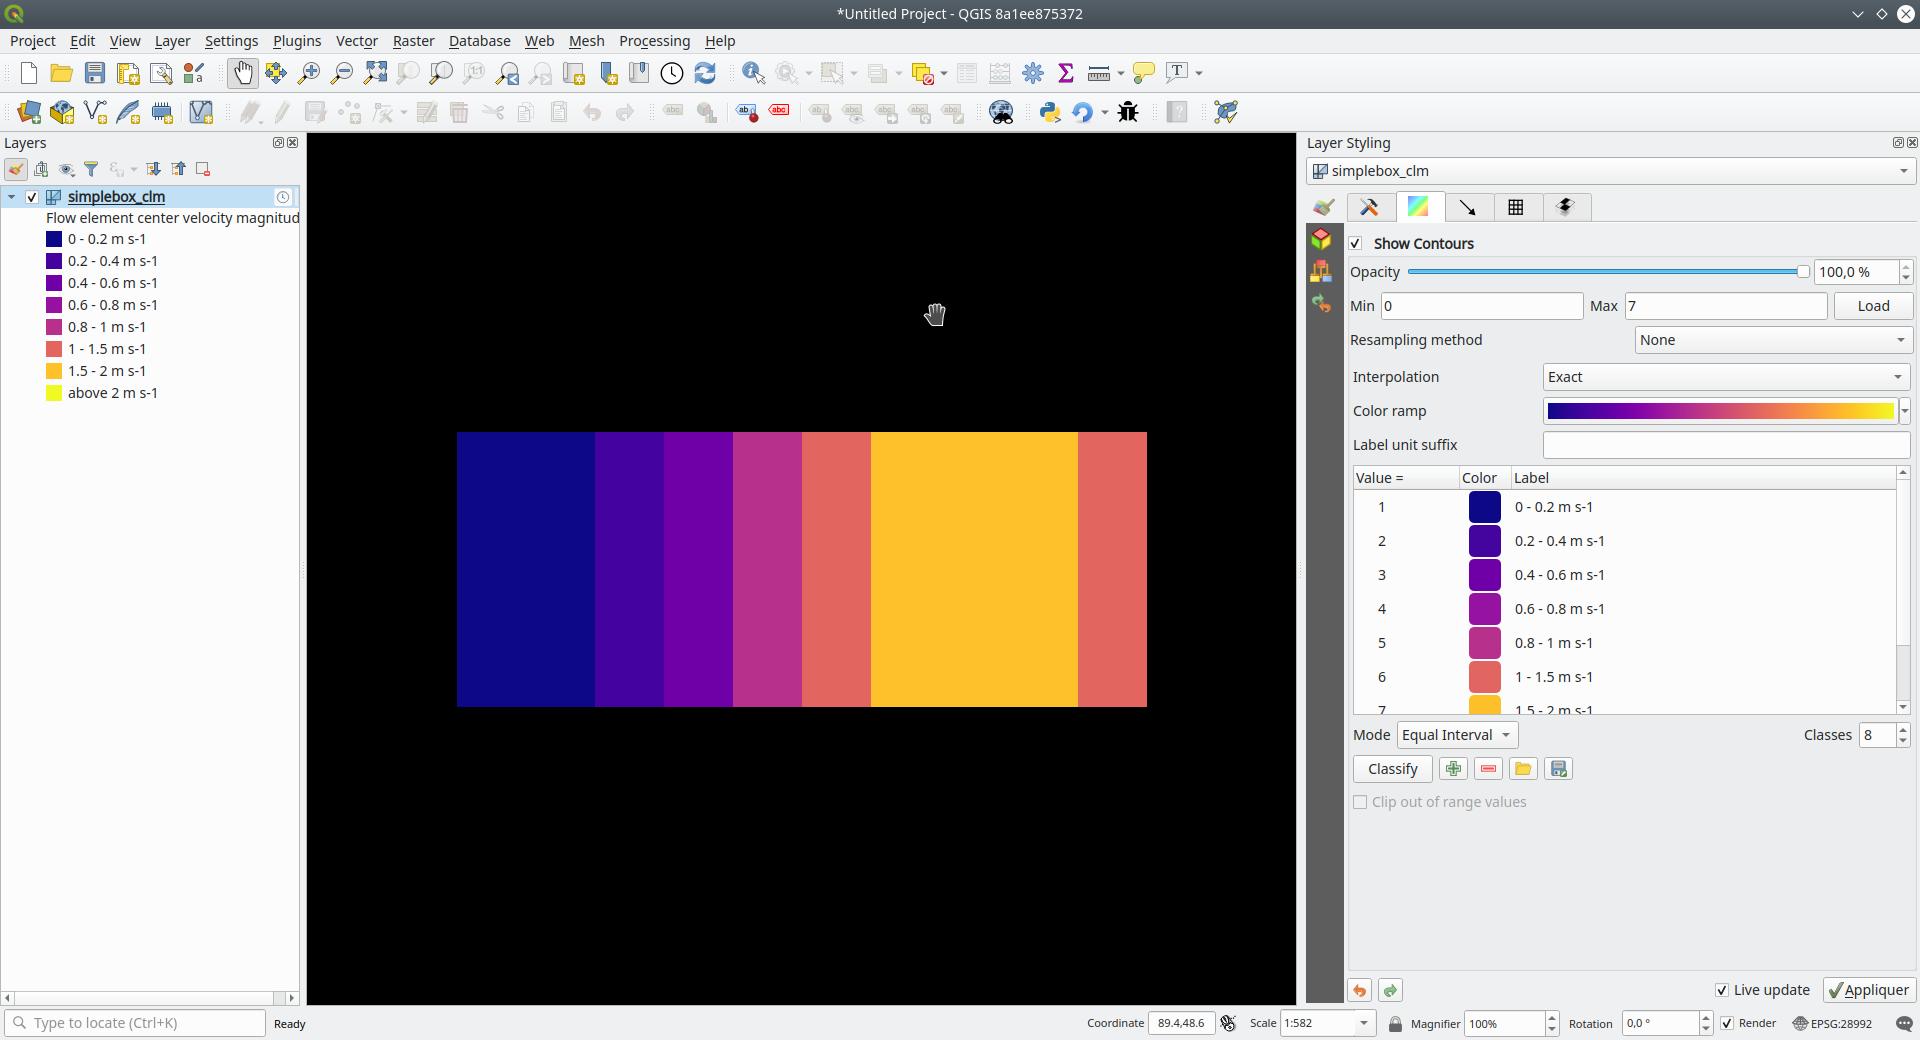 Color para clasificación de datos de malla. Fuente: Lutra Consulting